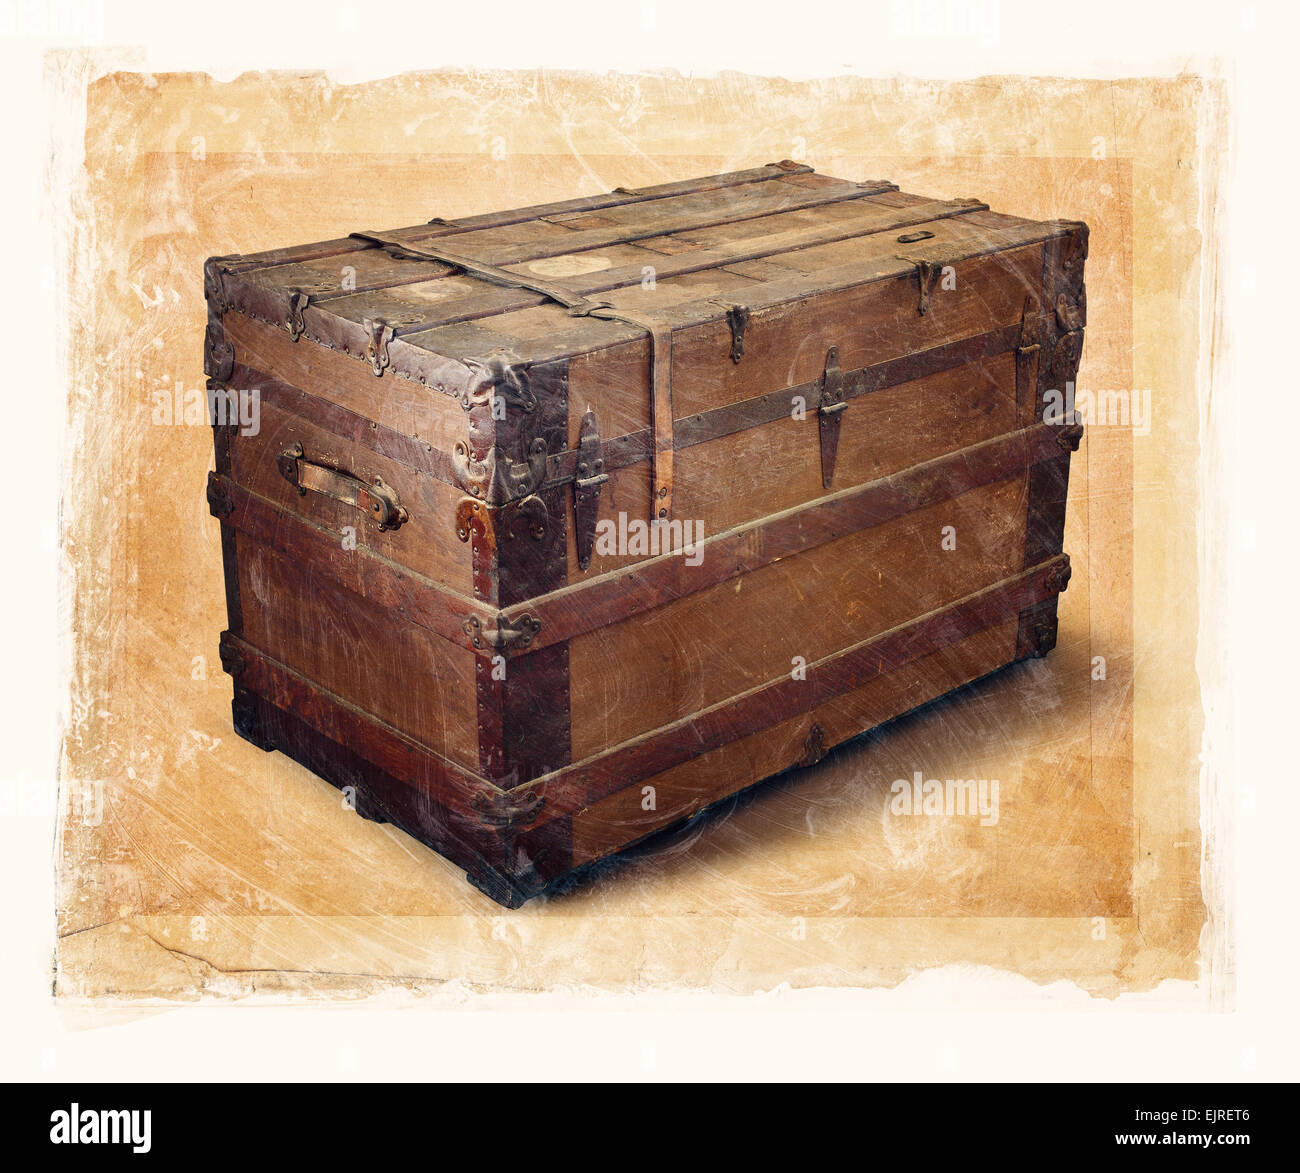 Granuladas y cochambroso imagen de una vieja vaporera tronco. Imagen De Stock